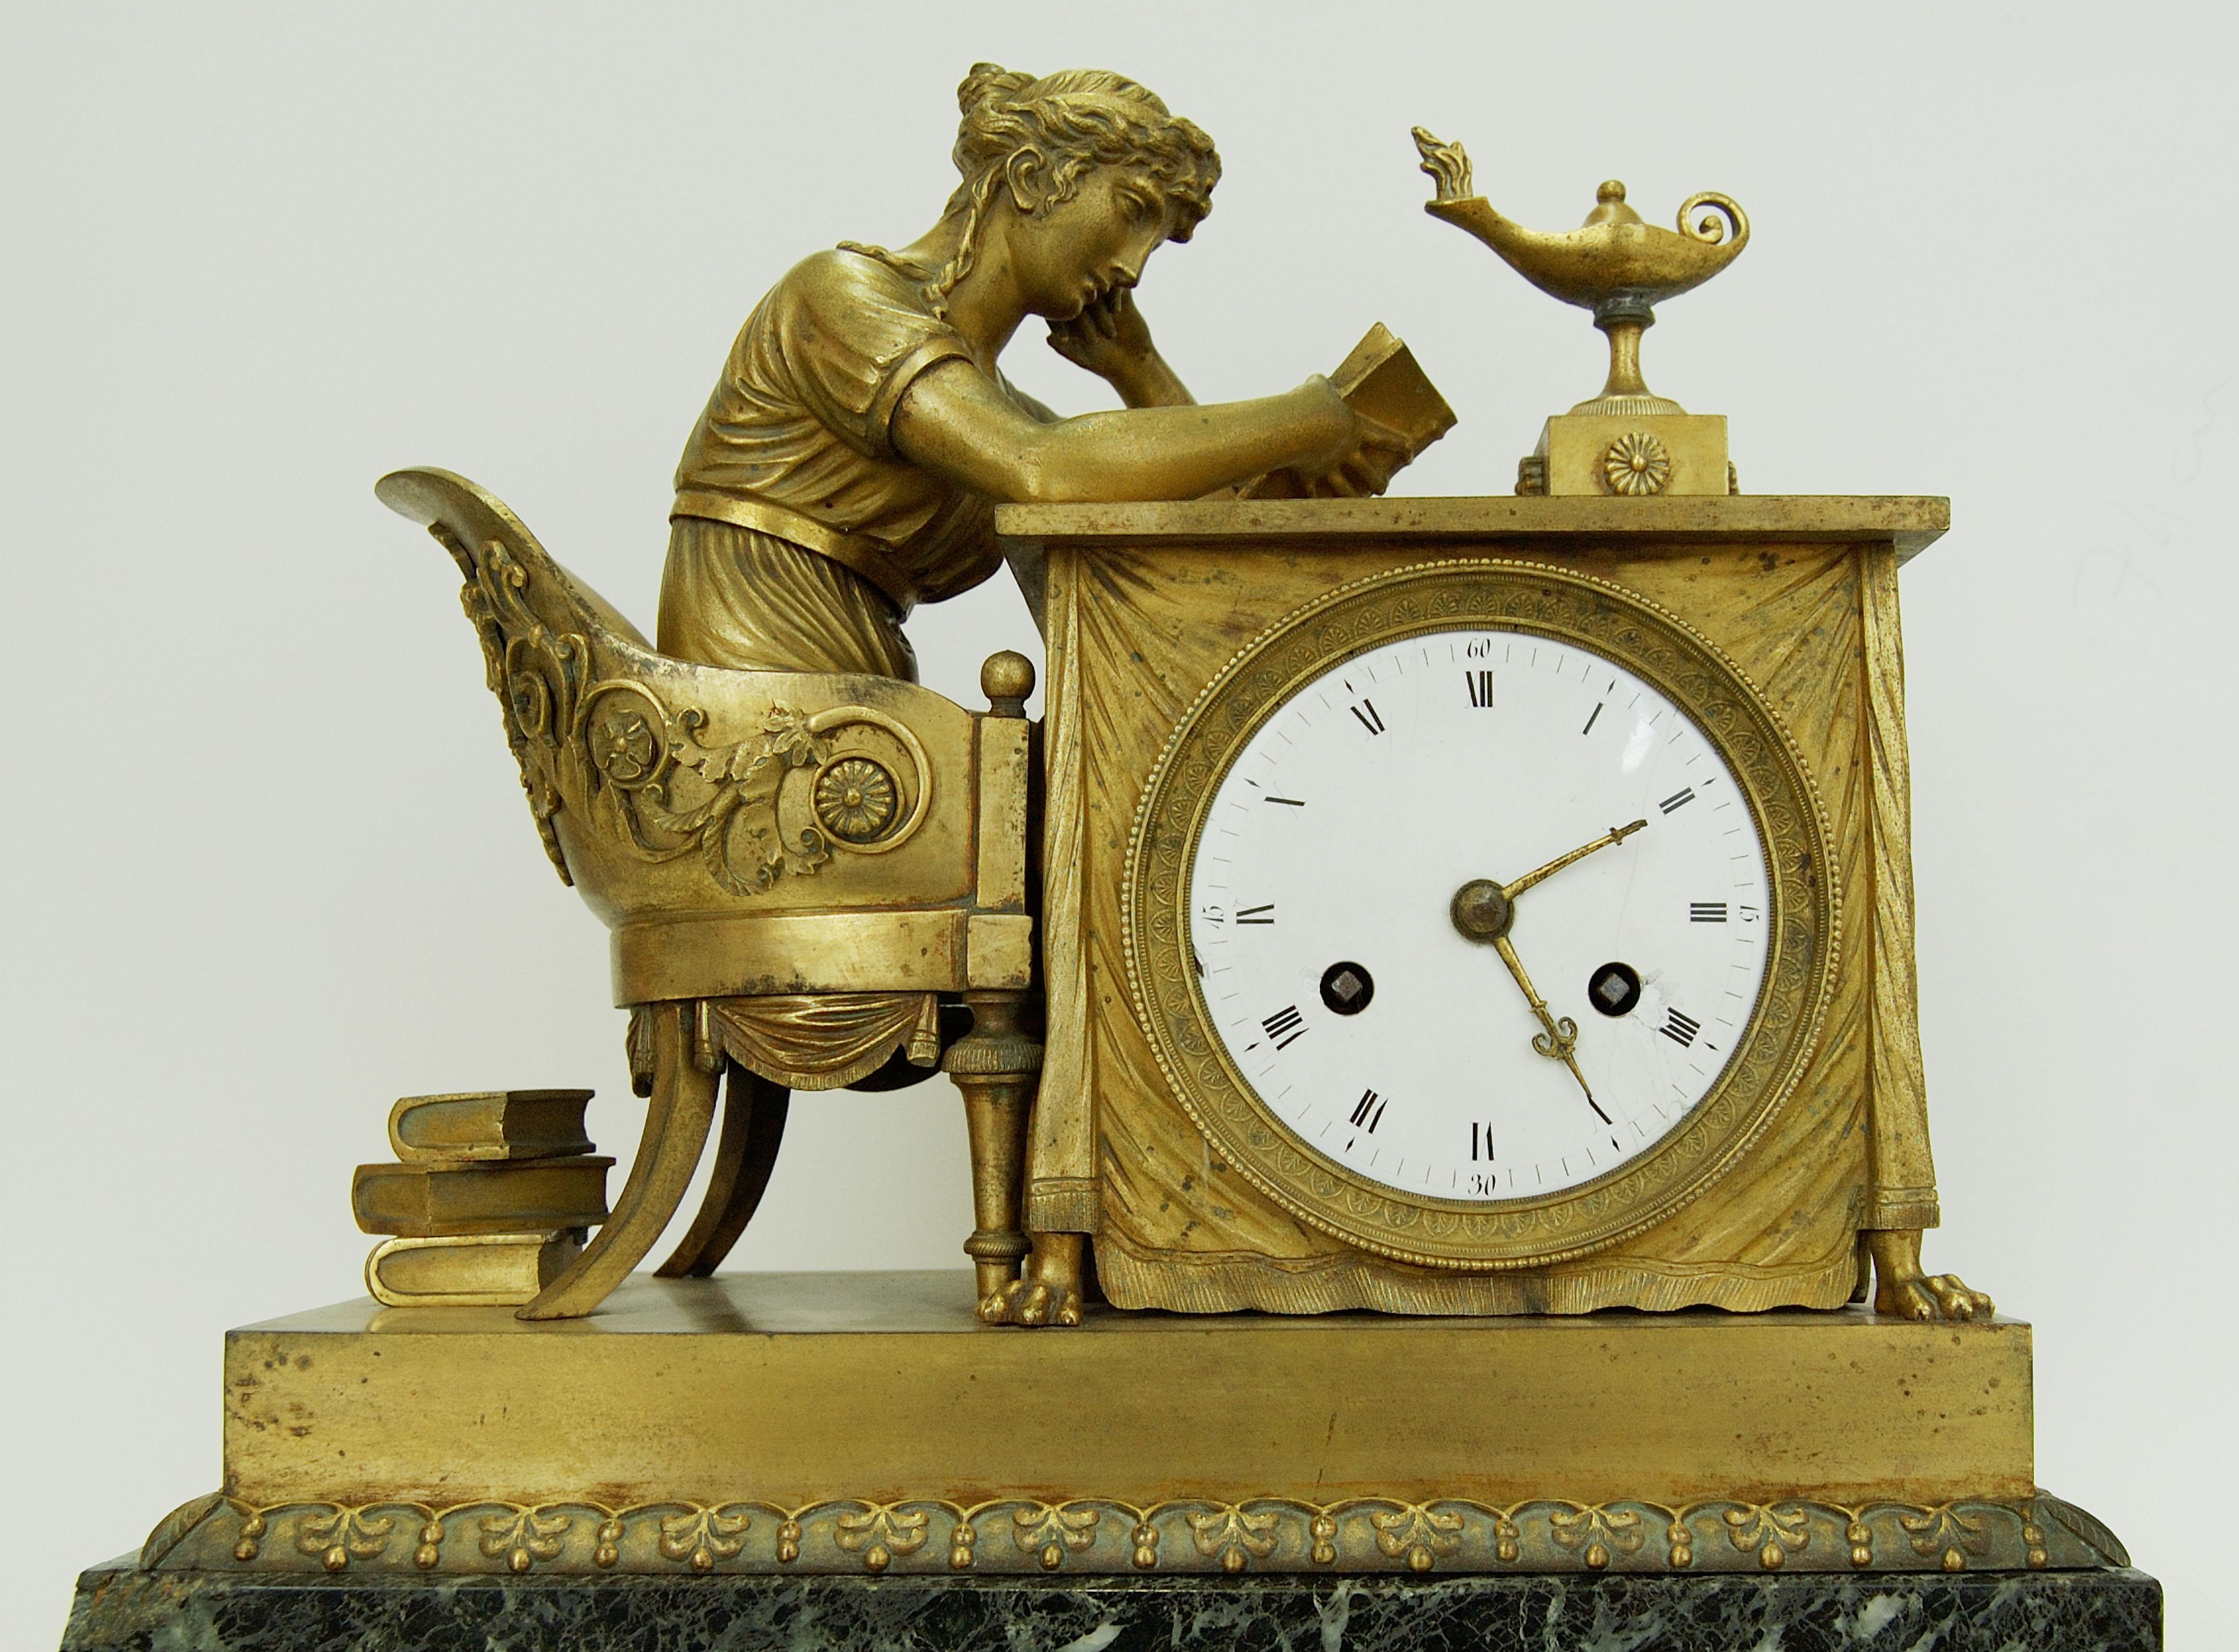 Anonyme-français-du-XIXe-siècle-Pendule-dite-pendule-Marceline-n°-inv-A-6534